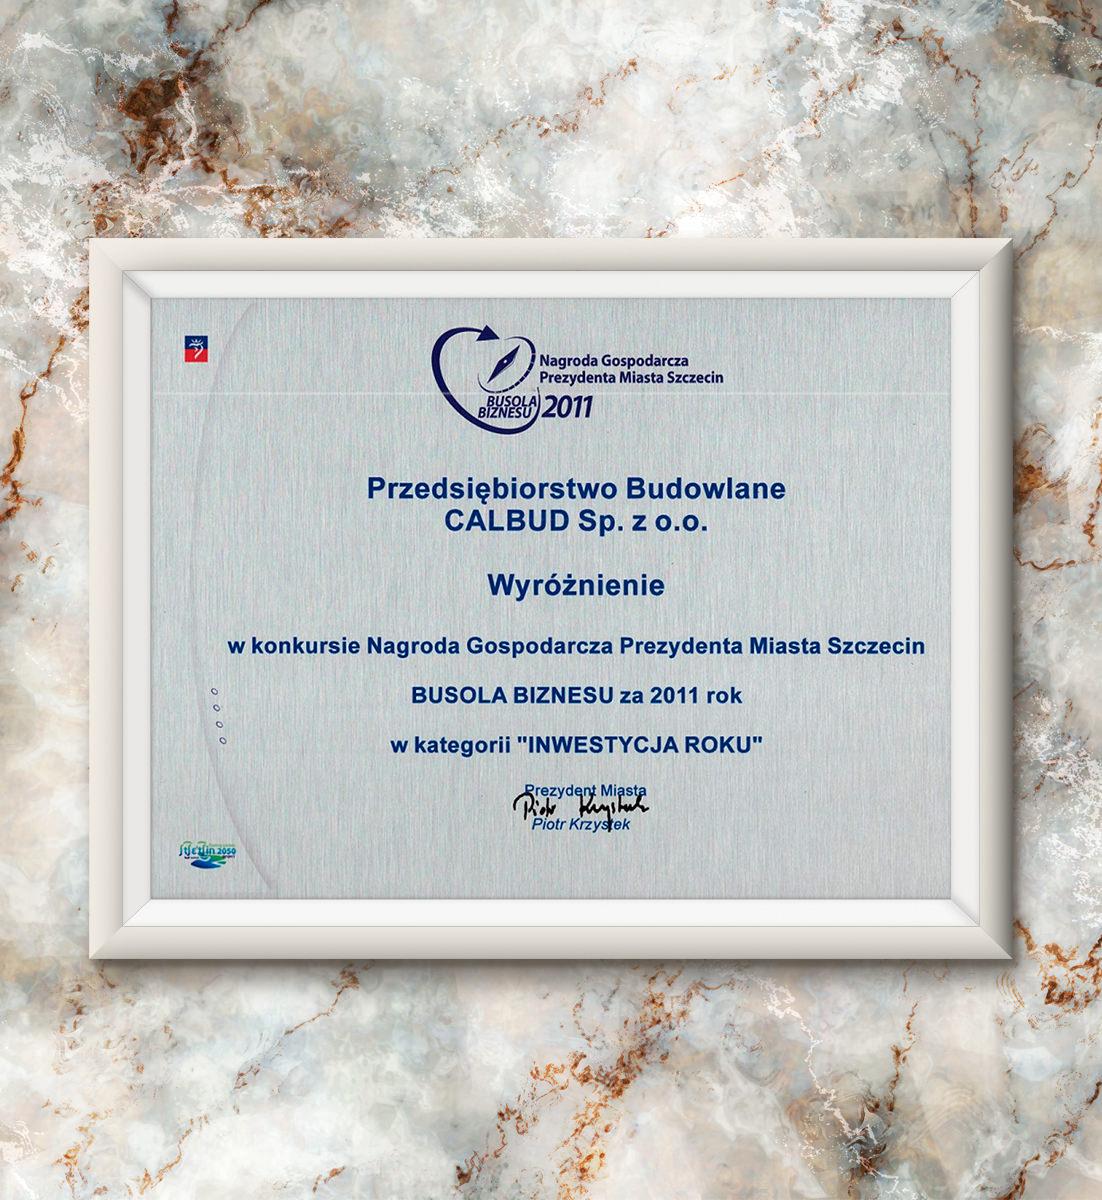 Busola Biznesu za 2011 rok - wyróżnienie w kategorii